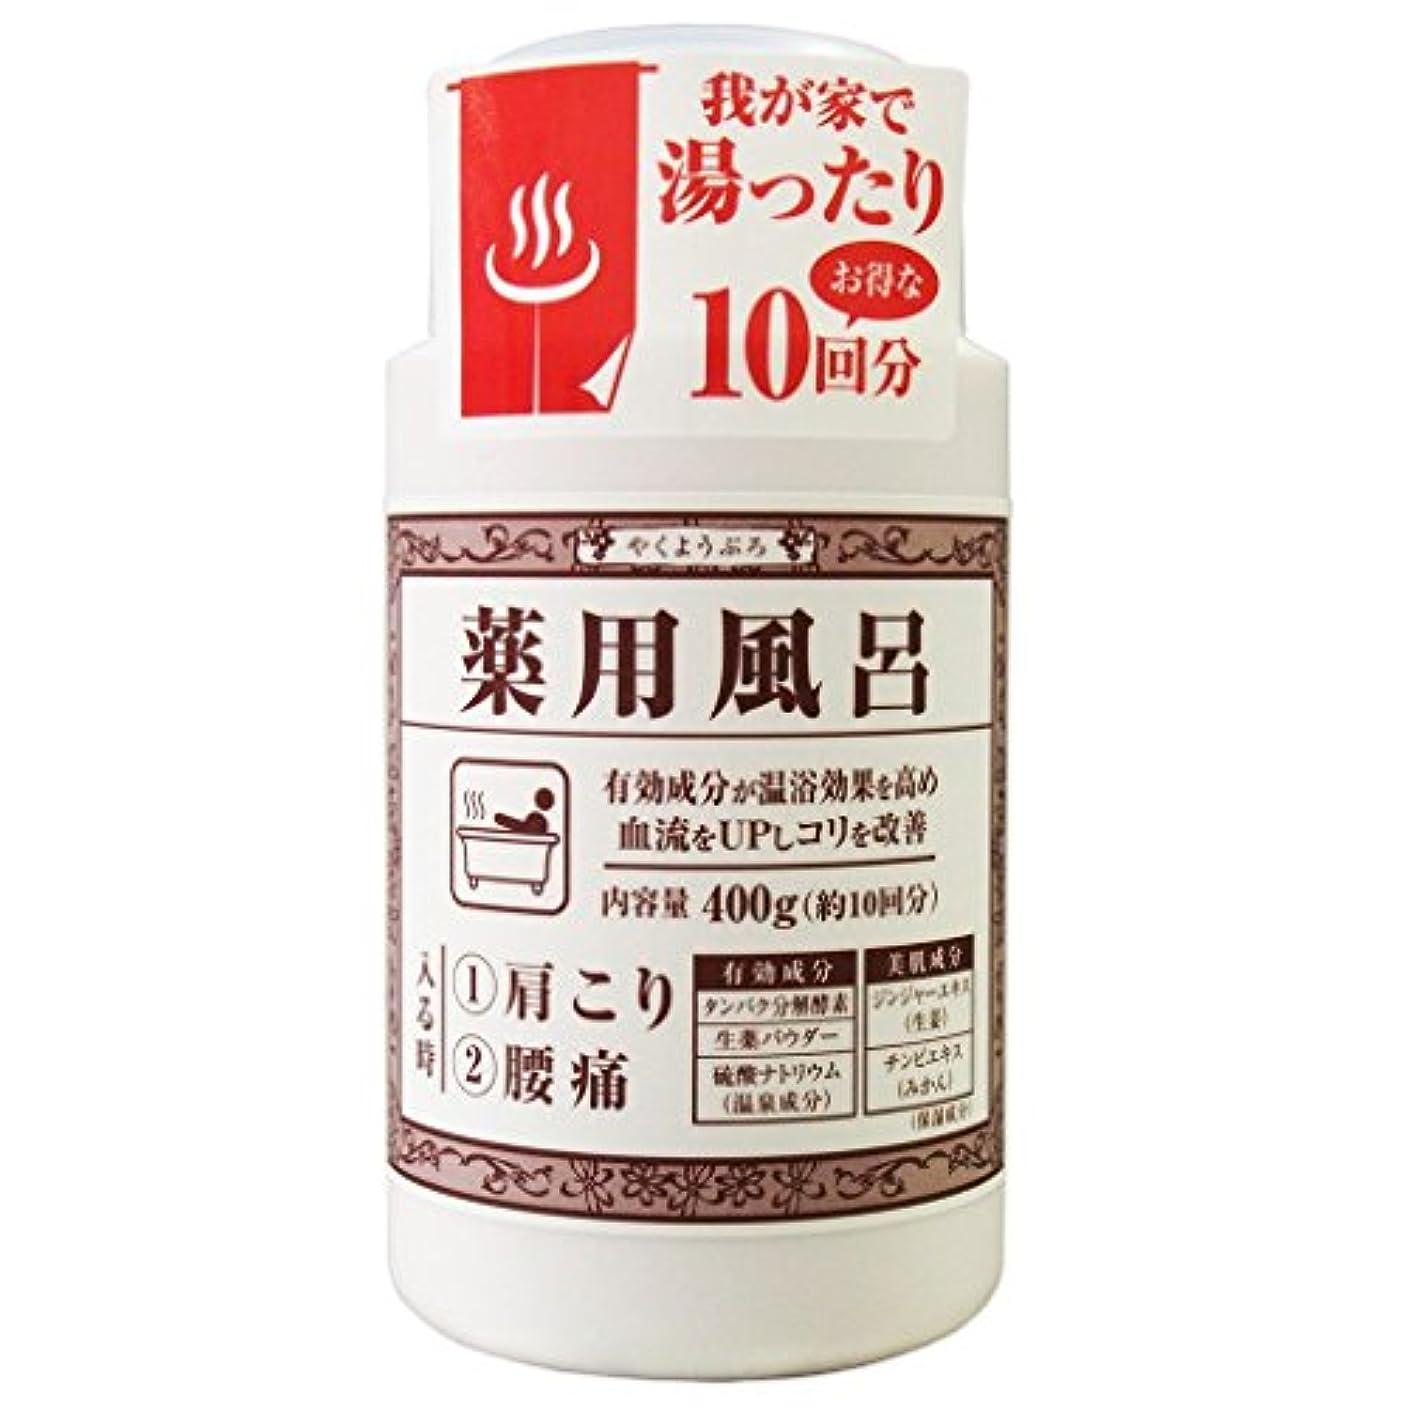 九アフリカライブ薬用風呂KKa 肩こり?腰痛 ボトル 400g(医薬部外品)